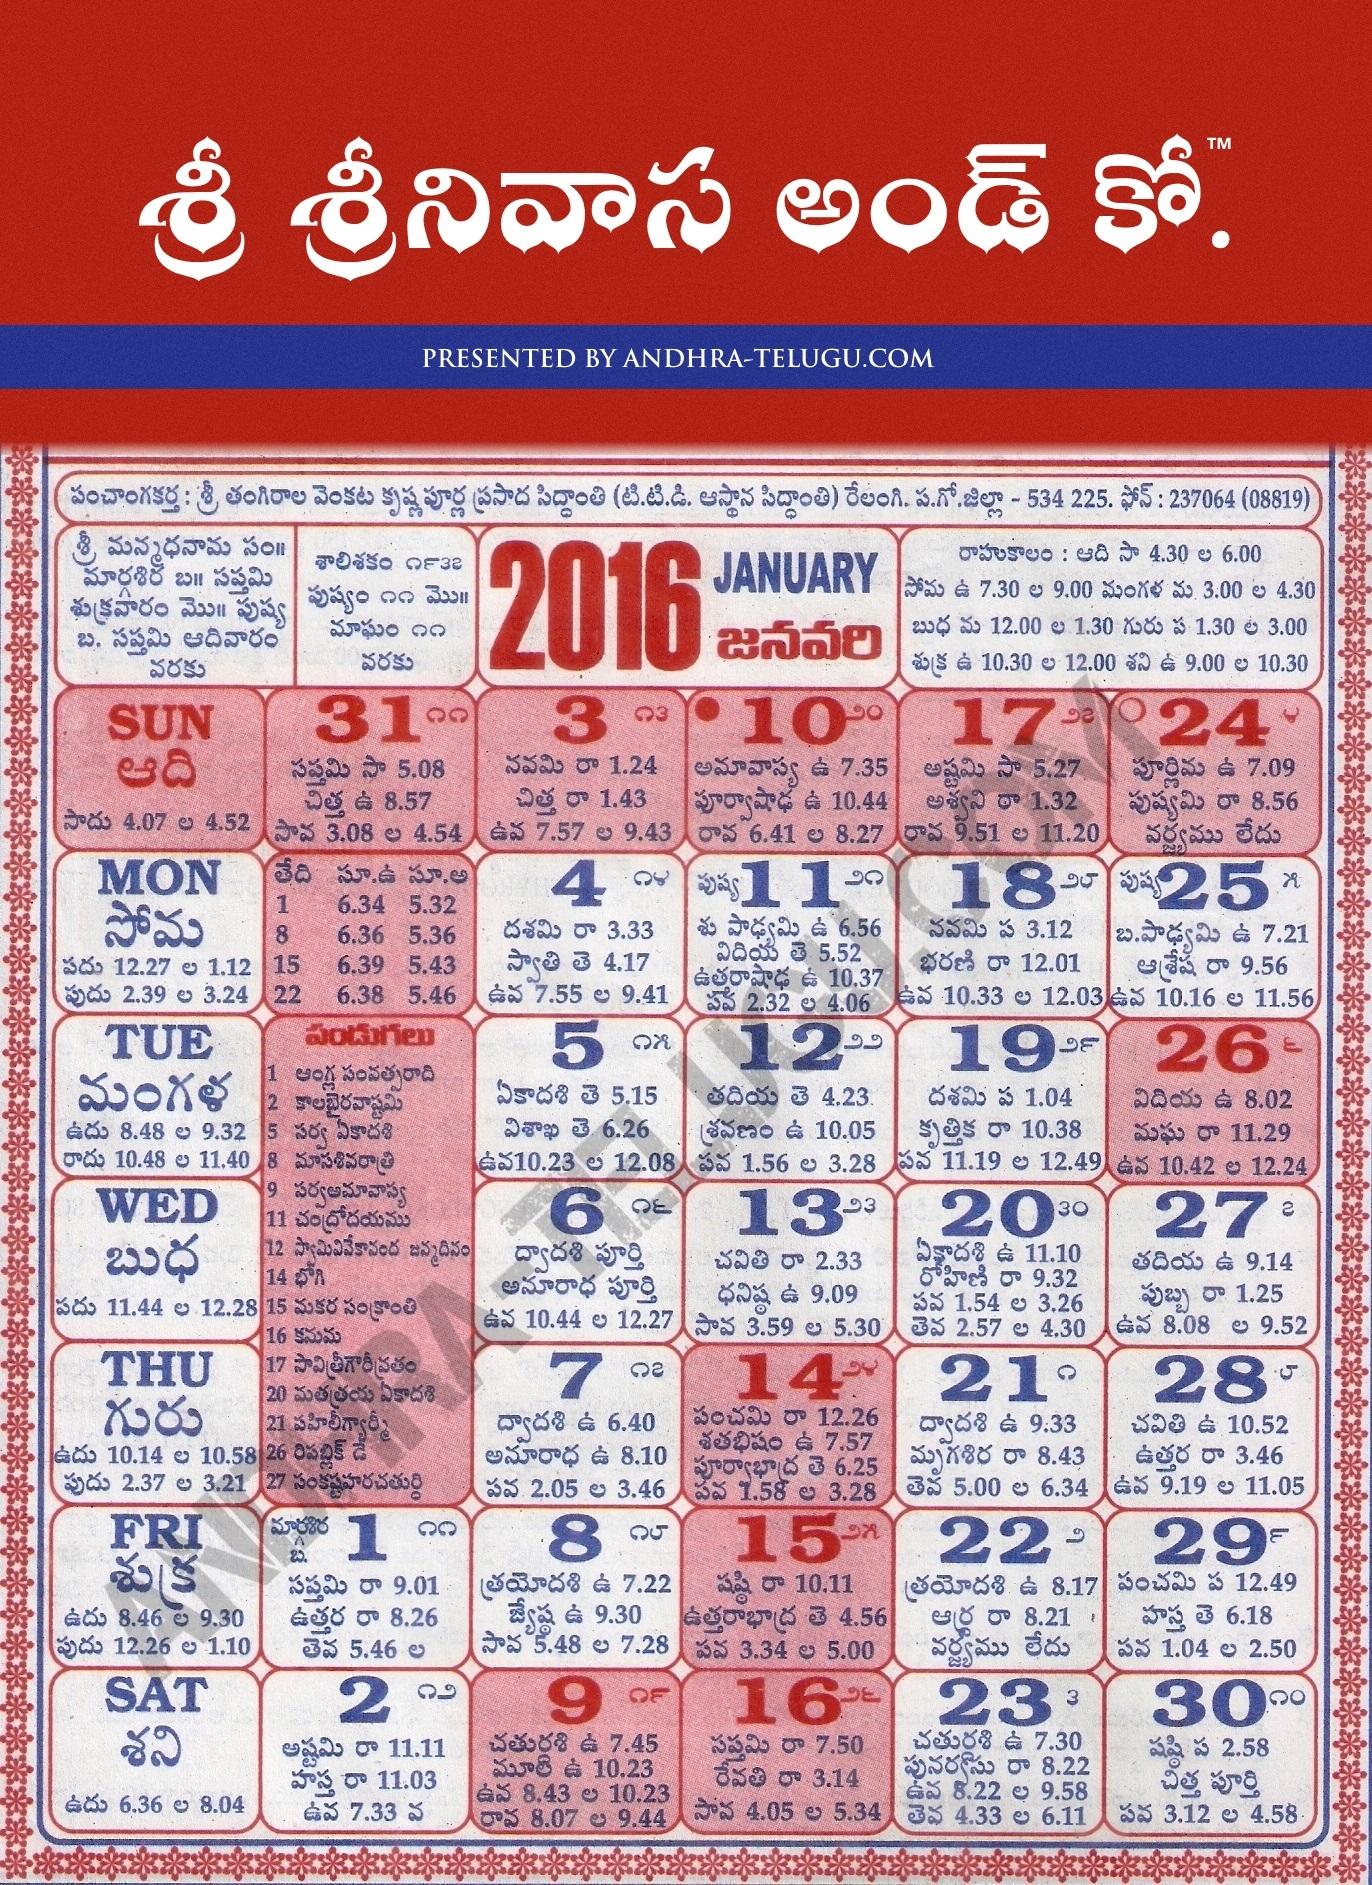 GANTALA PANCHANGAM 2015-16 TELUGU DOWNLOAD